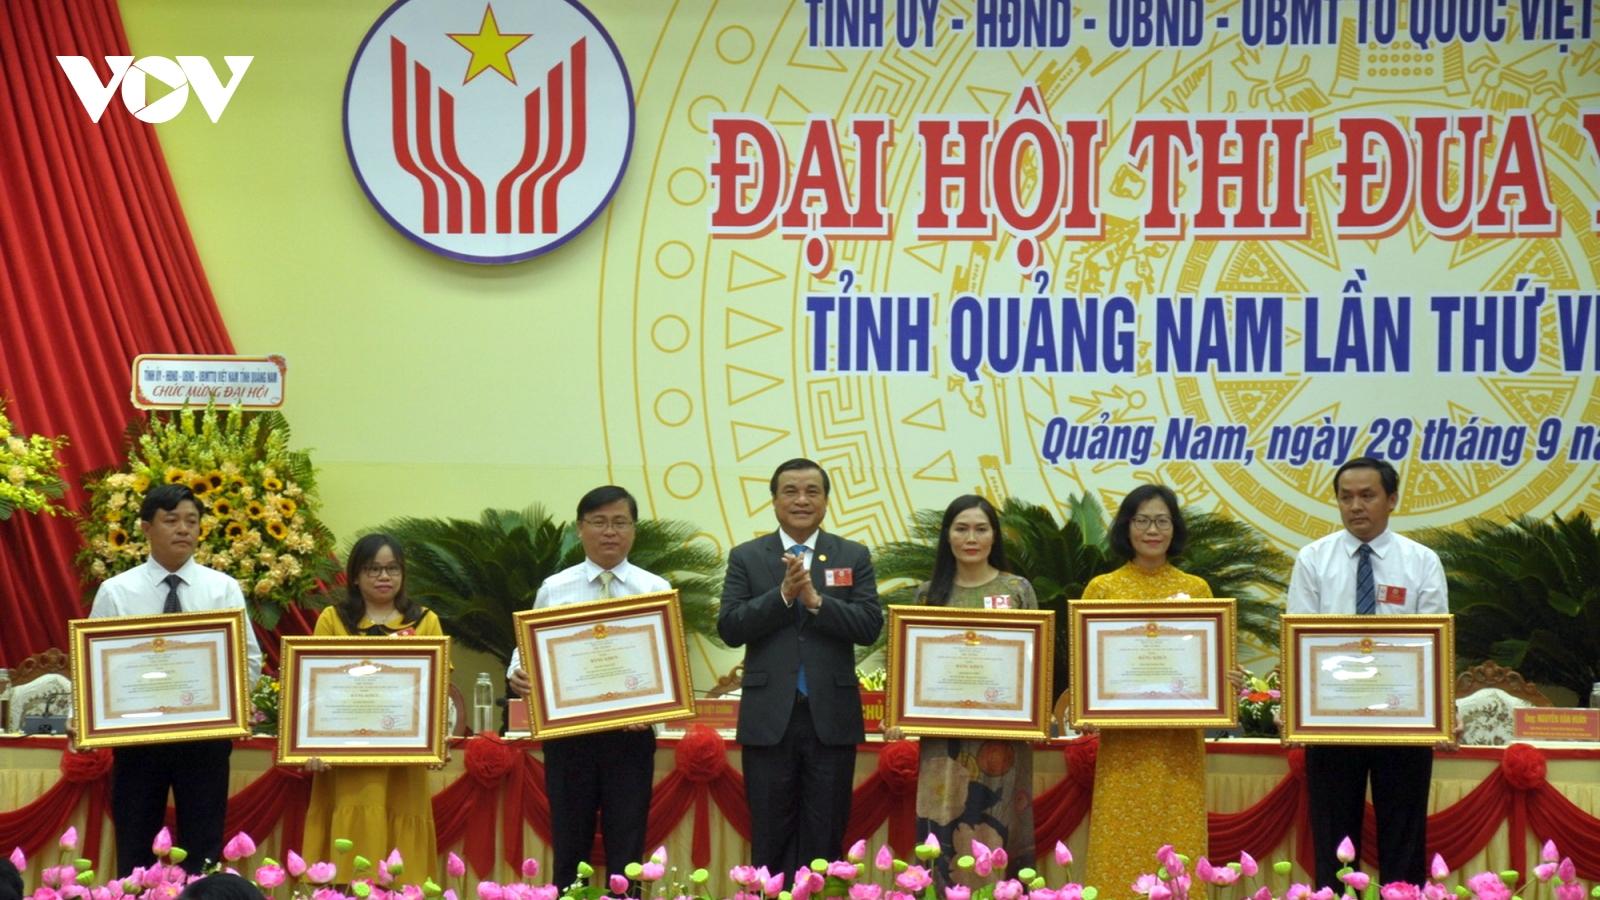 Quảng Nam: Cán bộ, đảng viên cần gương mẫu trong các phong trào thi đua